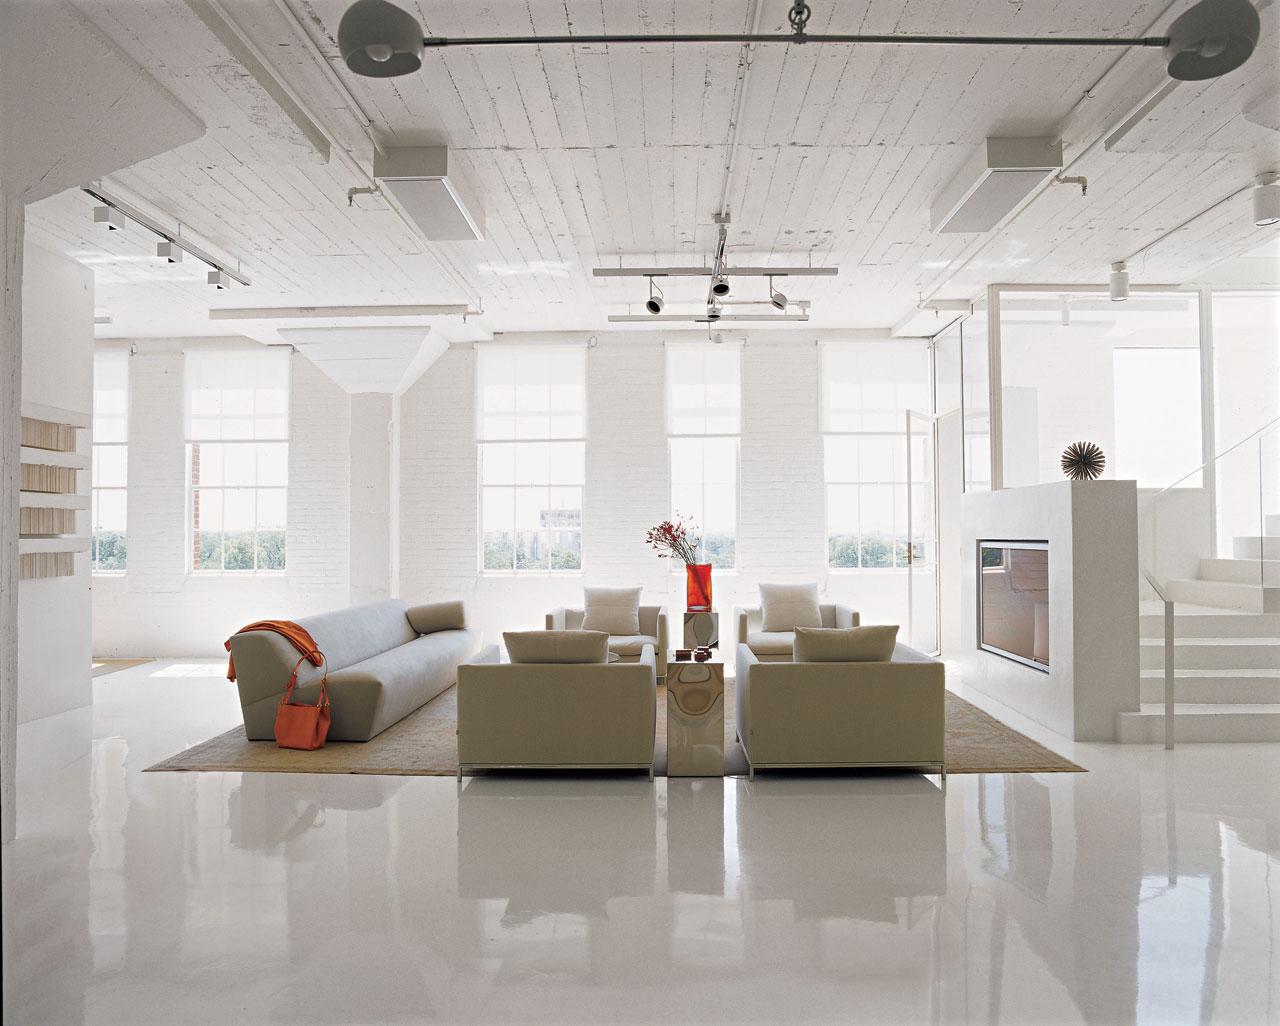 Weiss Ausstattung Idee Wohnzimmer Moebel Tisch